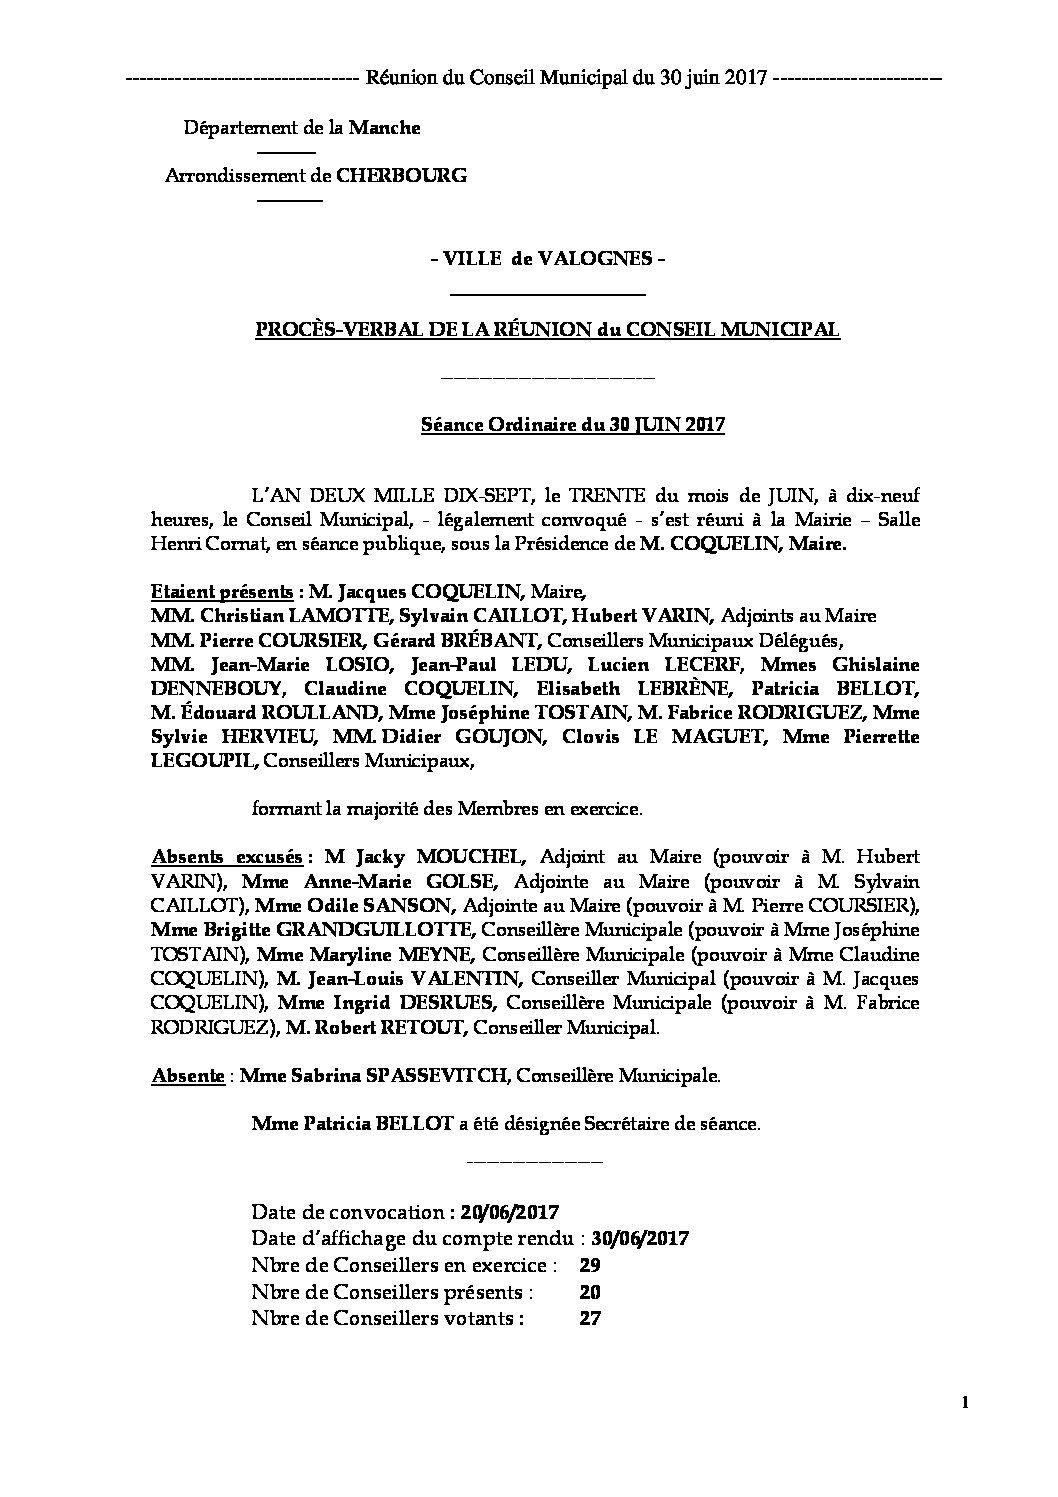 Procès-verbal du 30-06-2017 - Procès-verbal de la réunion du Conseil Municipal du 30 juin 2017, approuvé à l